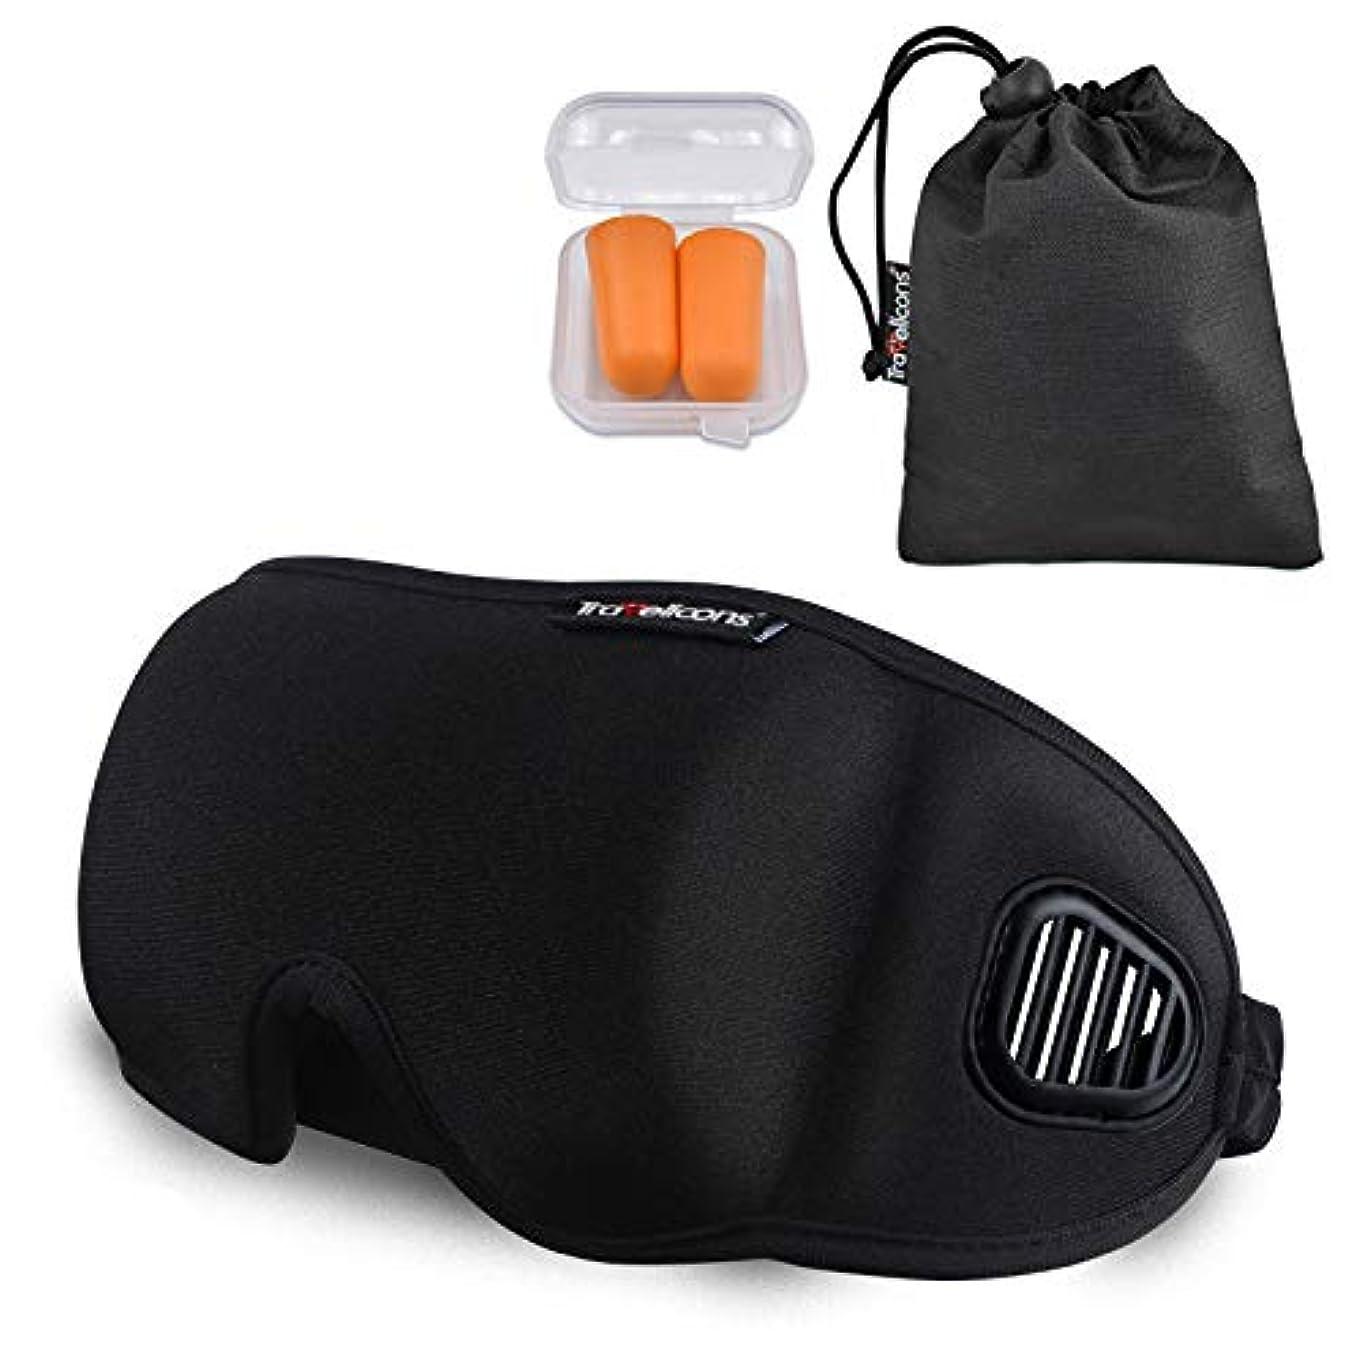 救い海外インポートNOTE 3dアイカバースリーピングマスクアイシェードトラベルオフィス睡眠女性男性ゴーグル通気性ソフトアジャスタブルアイパッチ黒目隠し